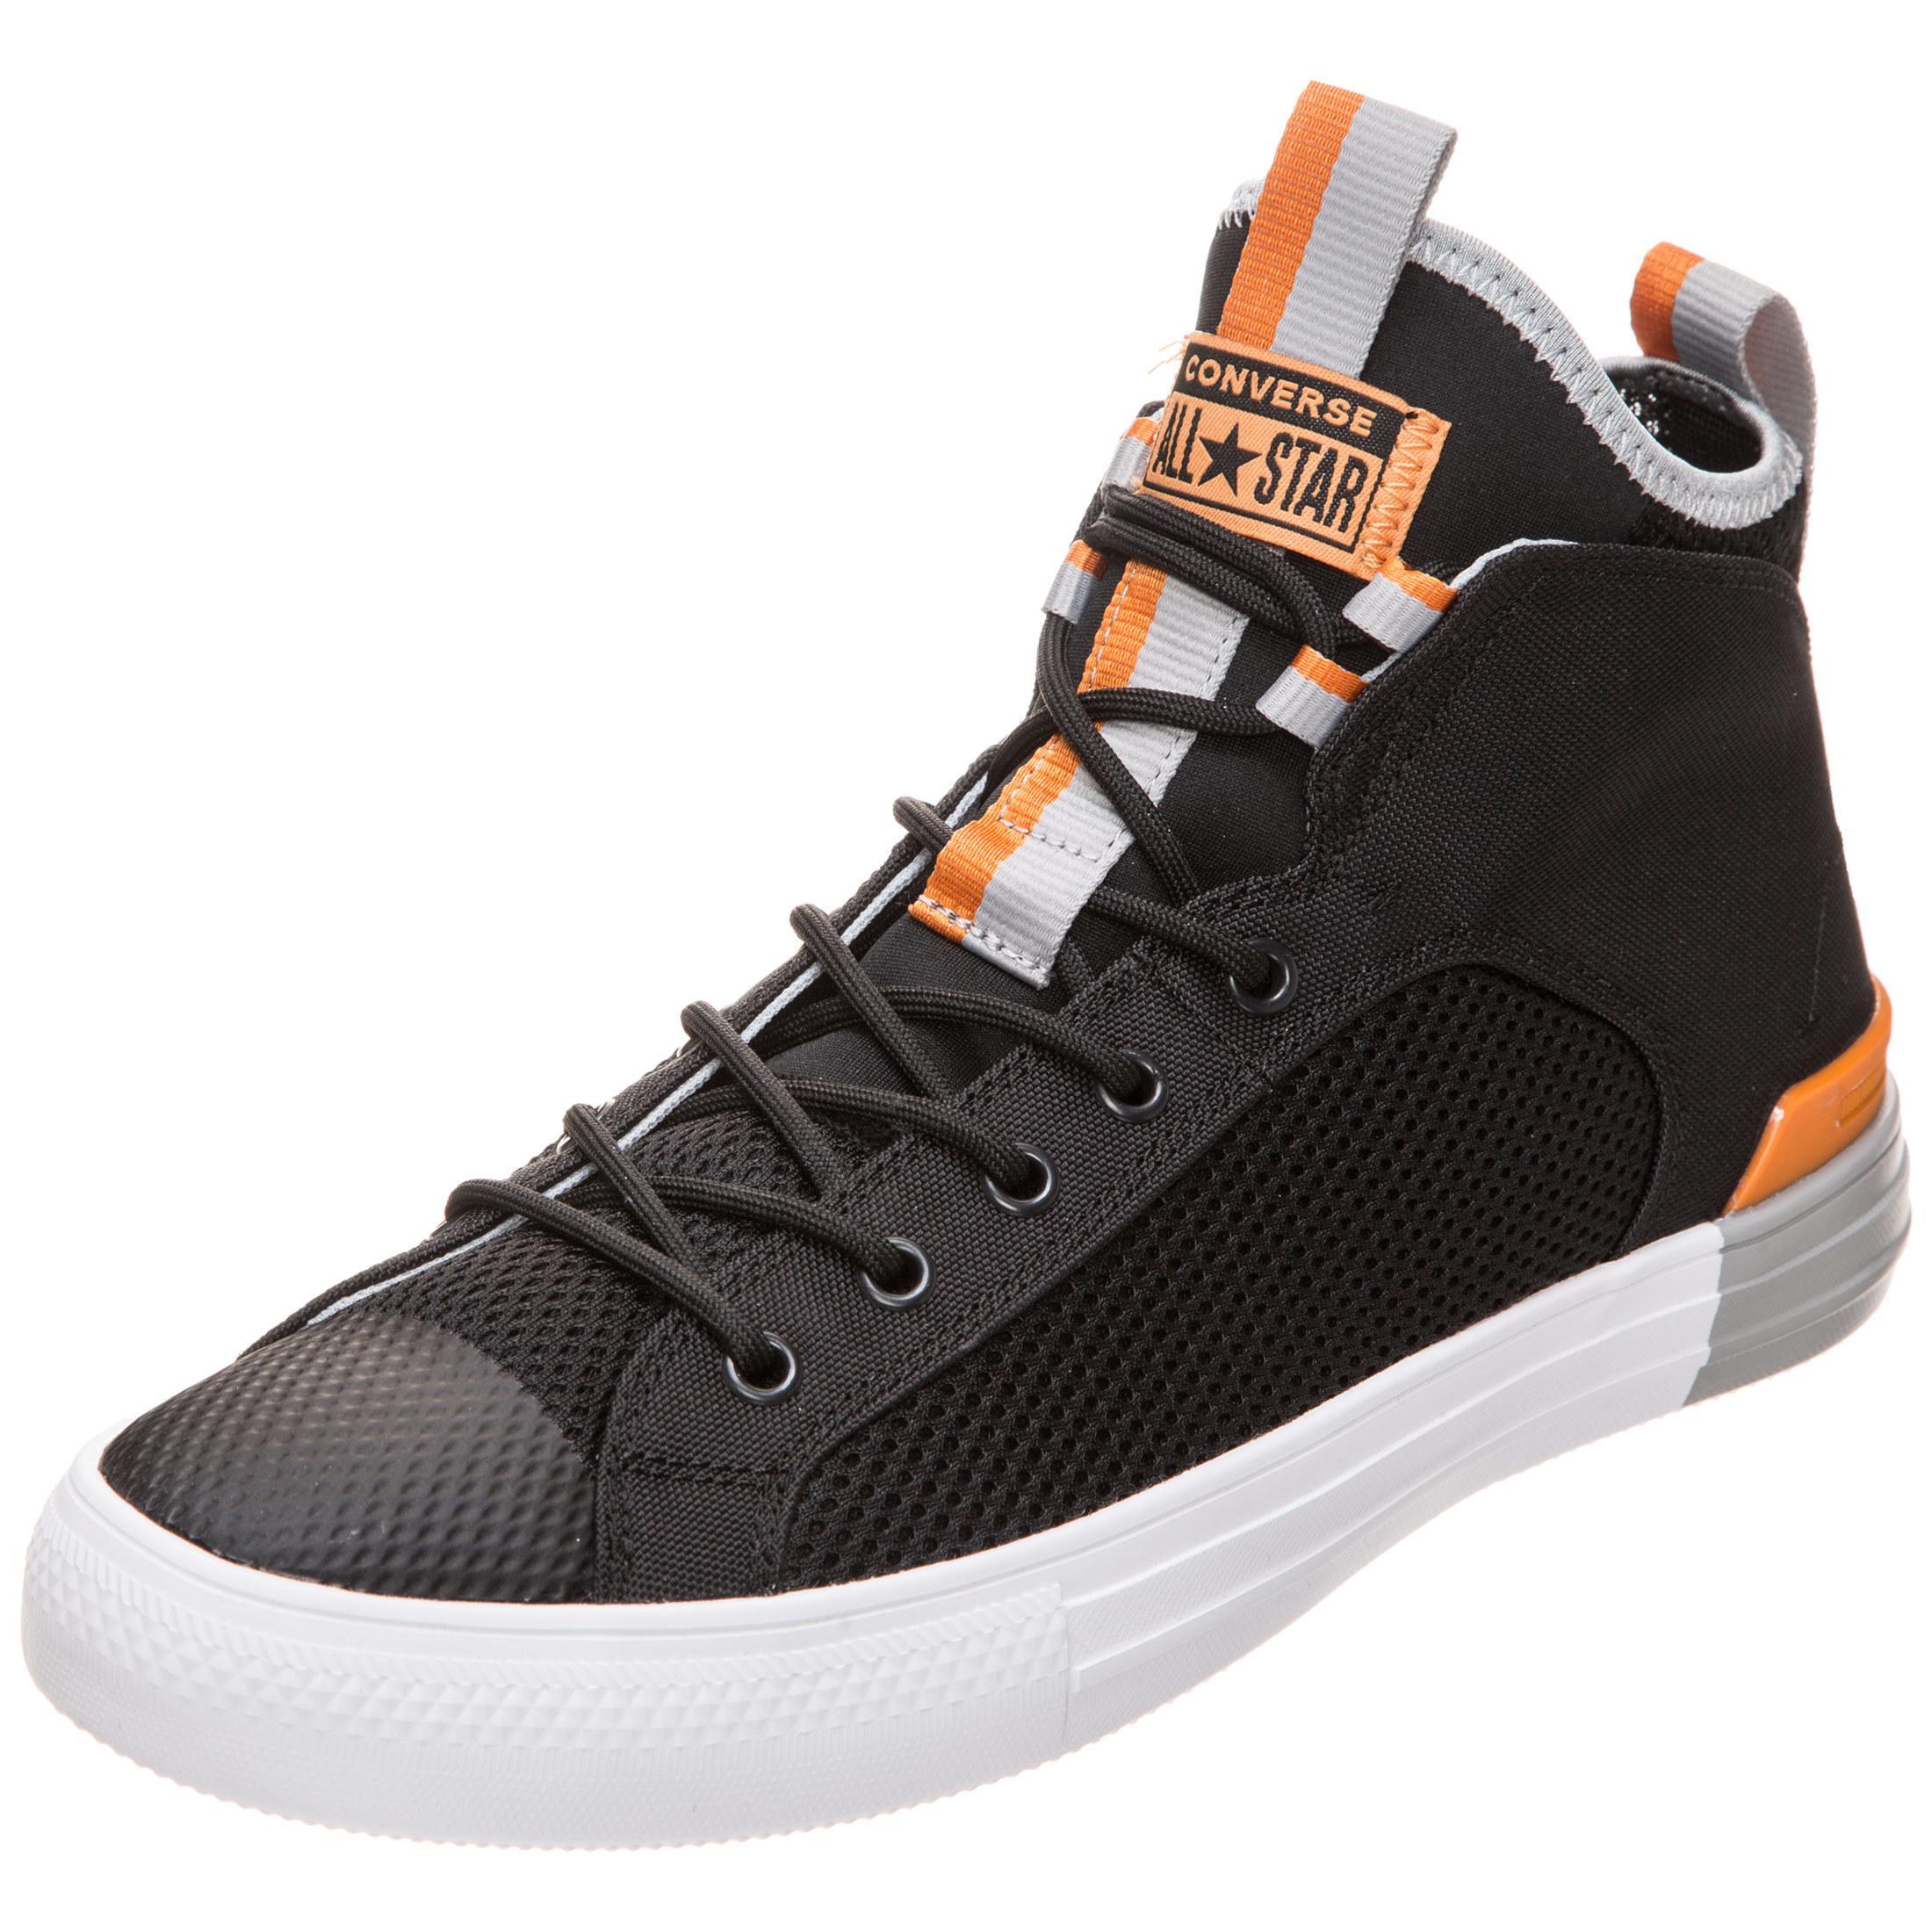 CONVERSE Chuck Taylor All Star Ultra Mid Sneaker Herren schwarz / orange im  Online Shop von SportScheck kaufen